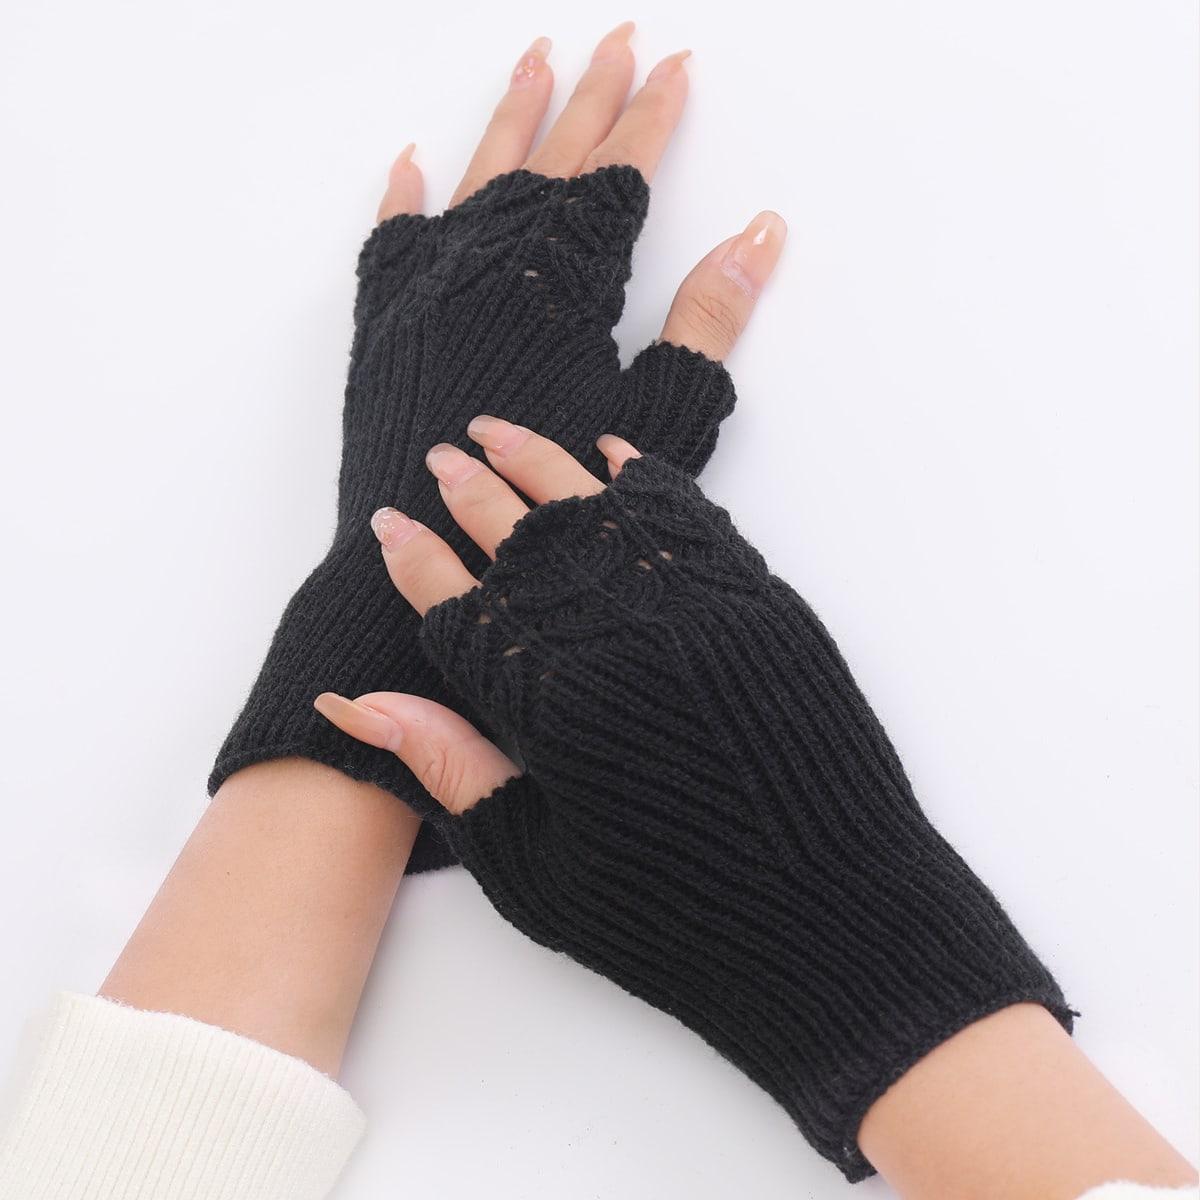 Вязаные перчатки с открытыми пальцами